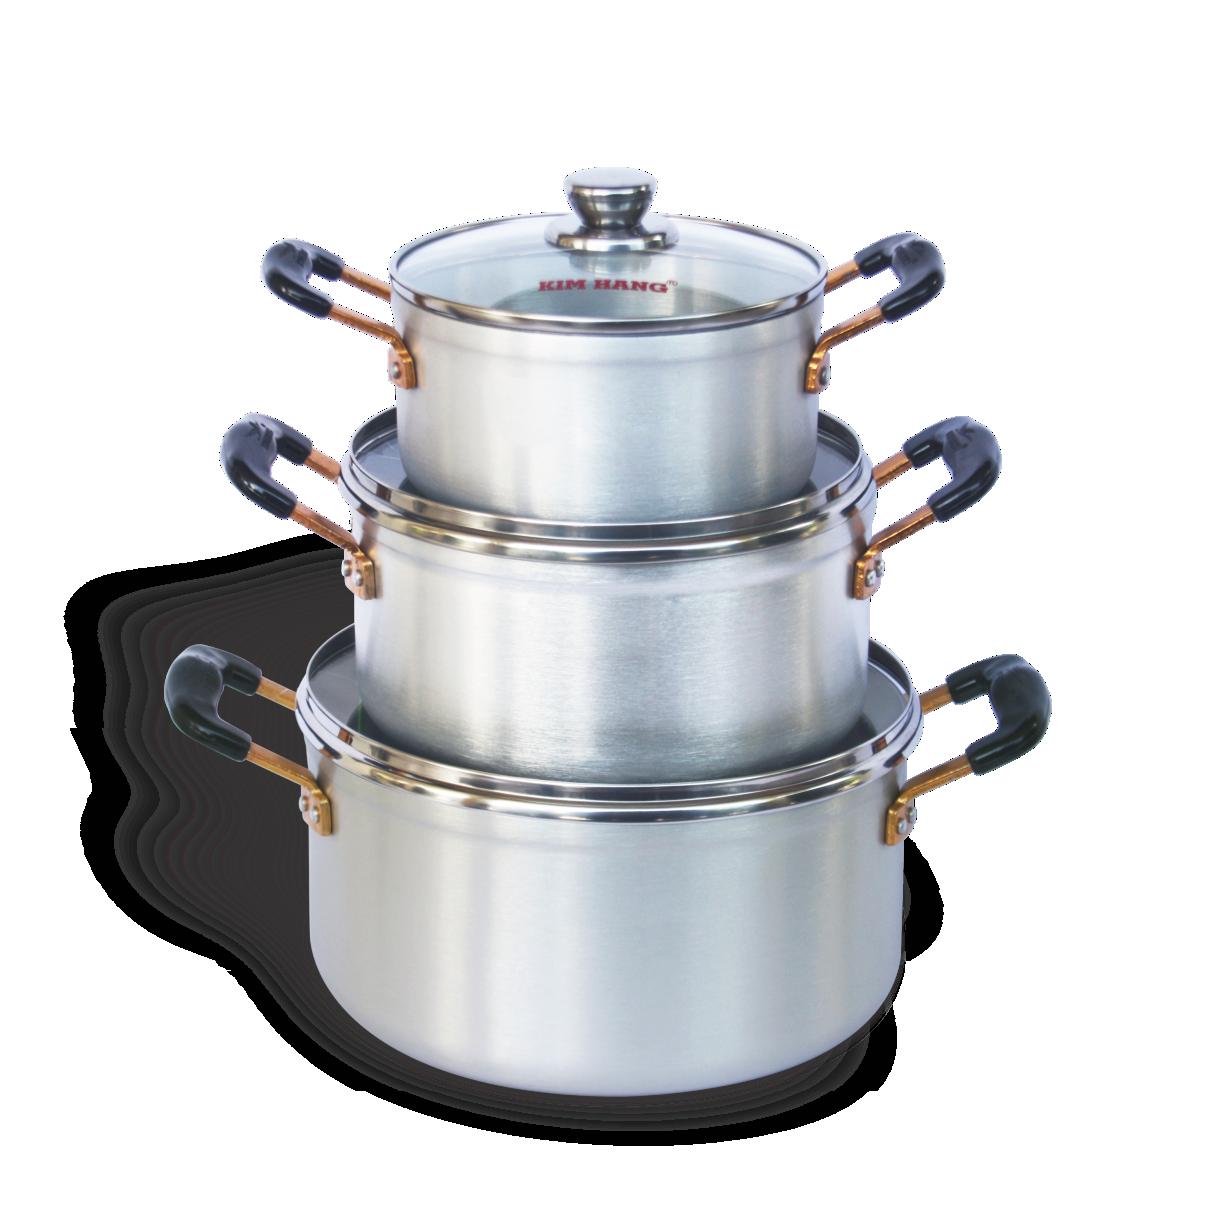 Bộ Nồi Nhôm đáy từ KH Long-life T3 nhỏ Kim Hằng KHG8037 (bộ 03 size: 16-20-24CM) nắp kiếng cường lực, (nấu được trên bếp từ bếp điện bếp hồng ngoại bếp gas) kiểu dáng đẹp, tiện lợi